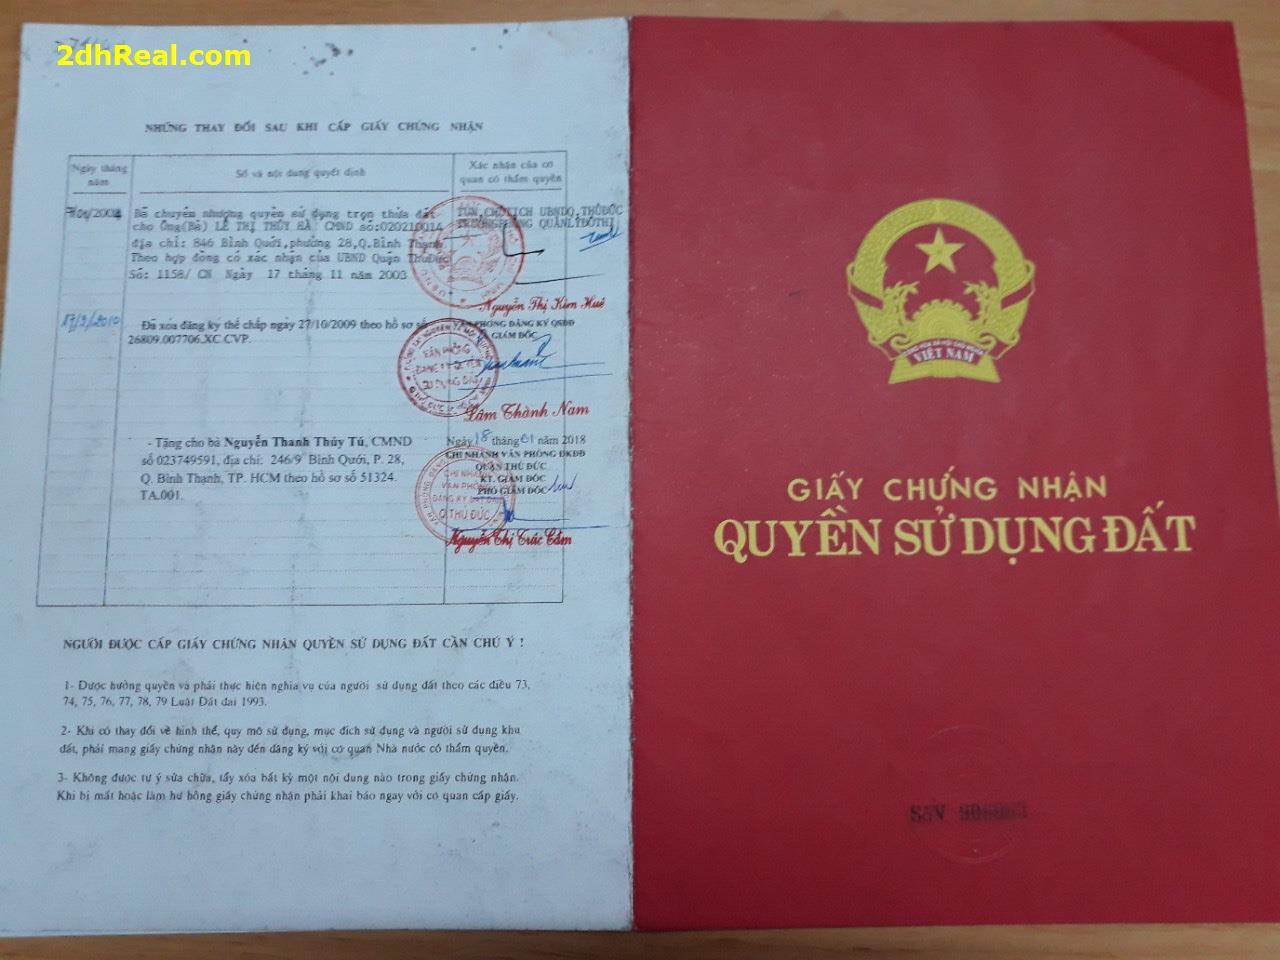 Khách gửi bán lô đất tại phường Hiệp Bình Chánh quận Thủ Đức Tp.HCM- Lh: 0937003355 Mr Long.